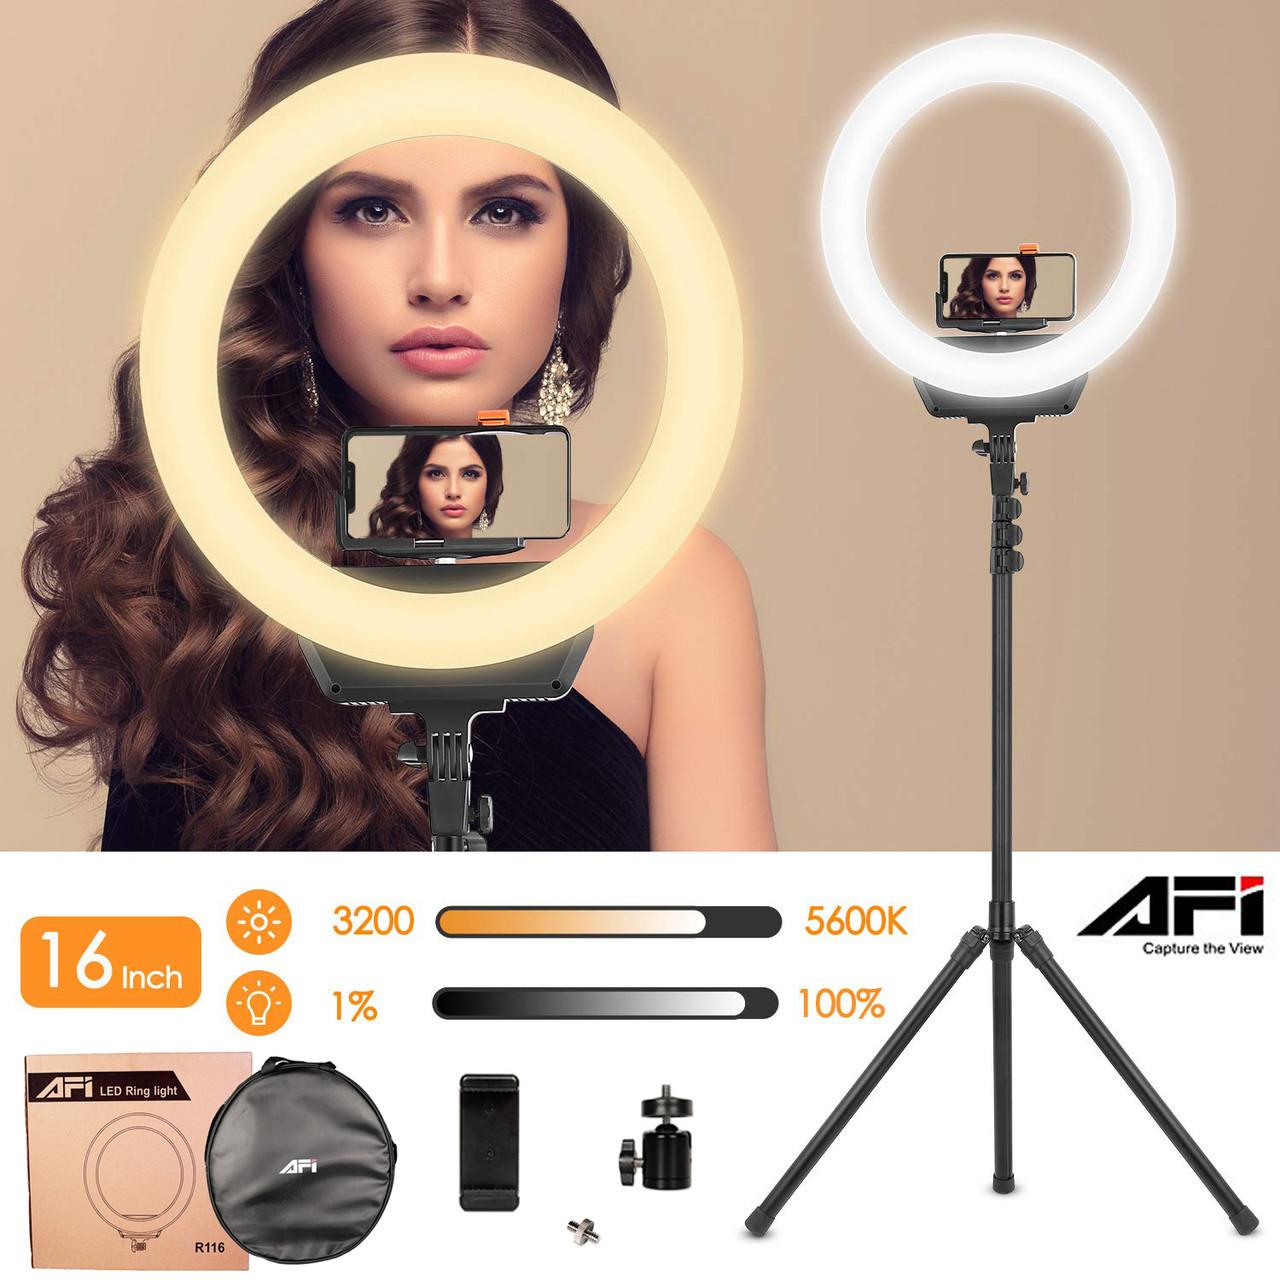 Комплект кільцевого LED світла AFI R116 зі стійкою, круглий видеосвет.